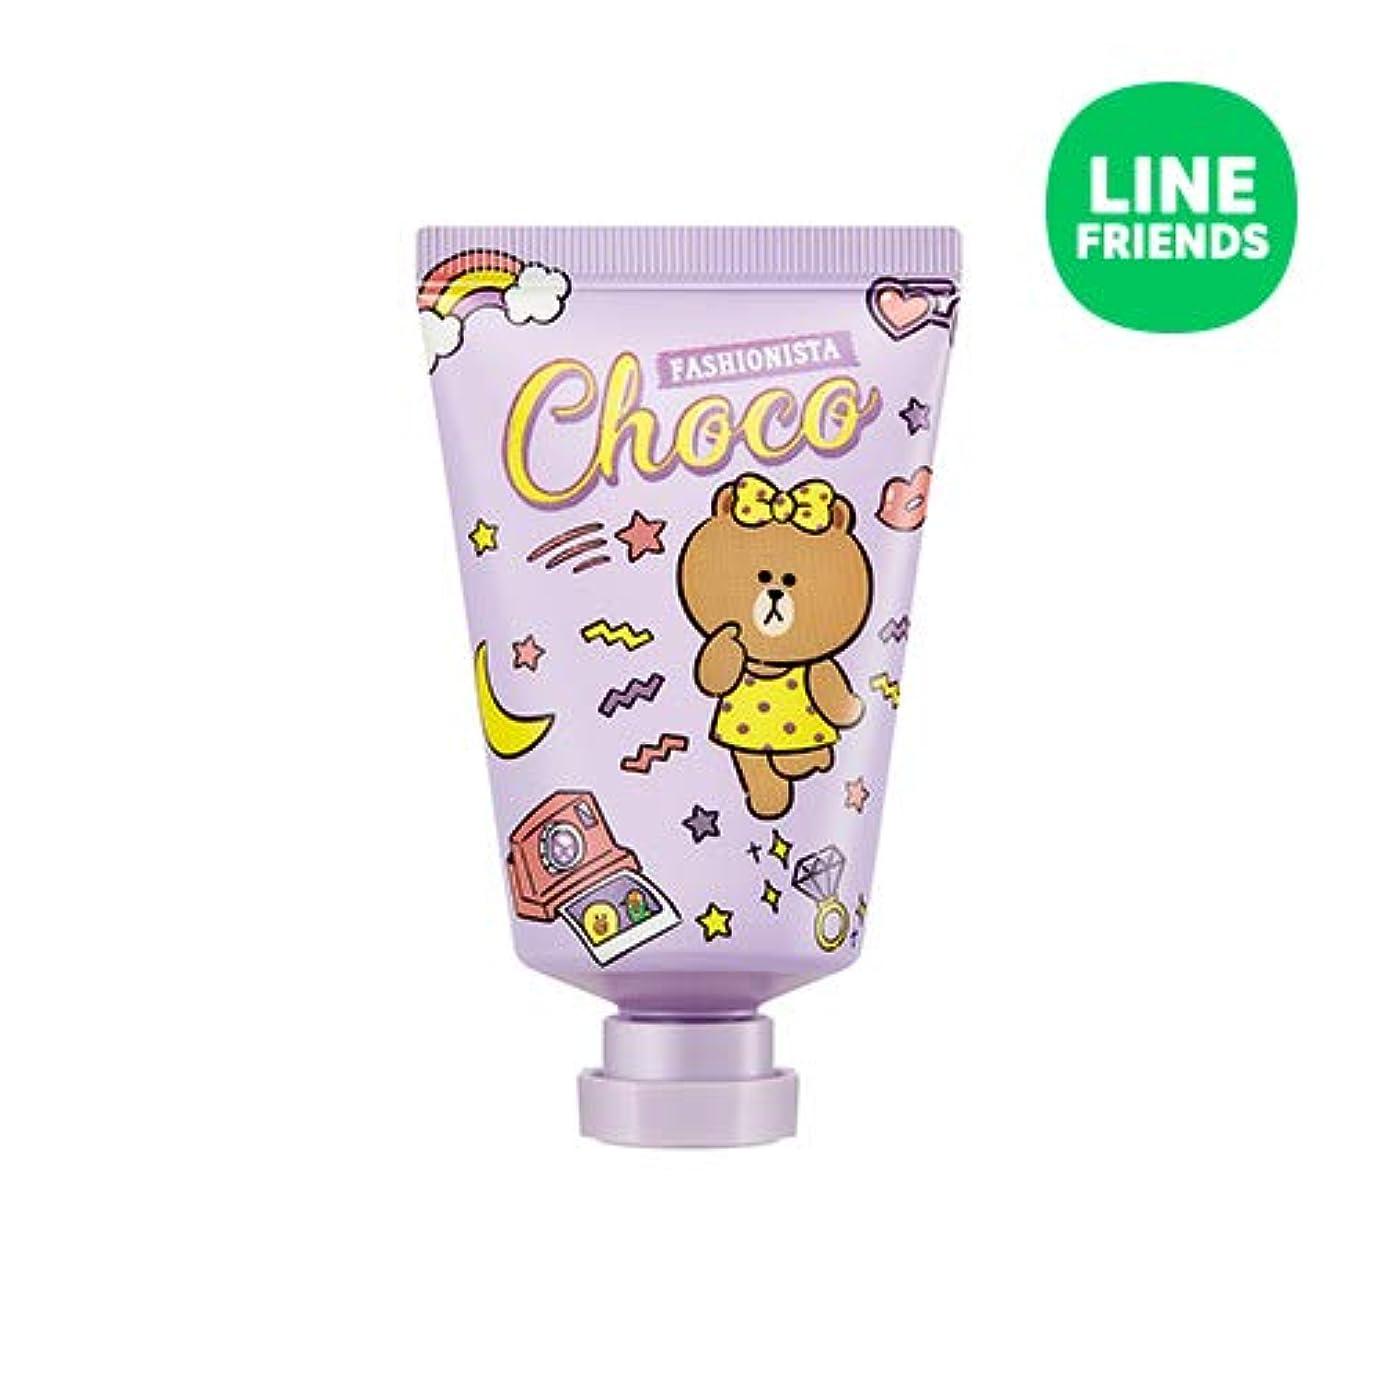 受信機デコラティブ水没ミシャ(ラインフレンズ)ラブシークレットハンドクリーム 30ml MISSHA [Line Friends Edition] Love Secret Hand Cream - Choco # Pitch Cocktail...